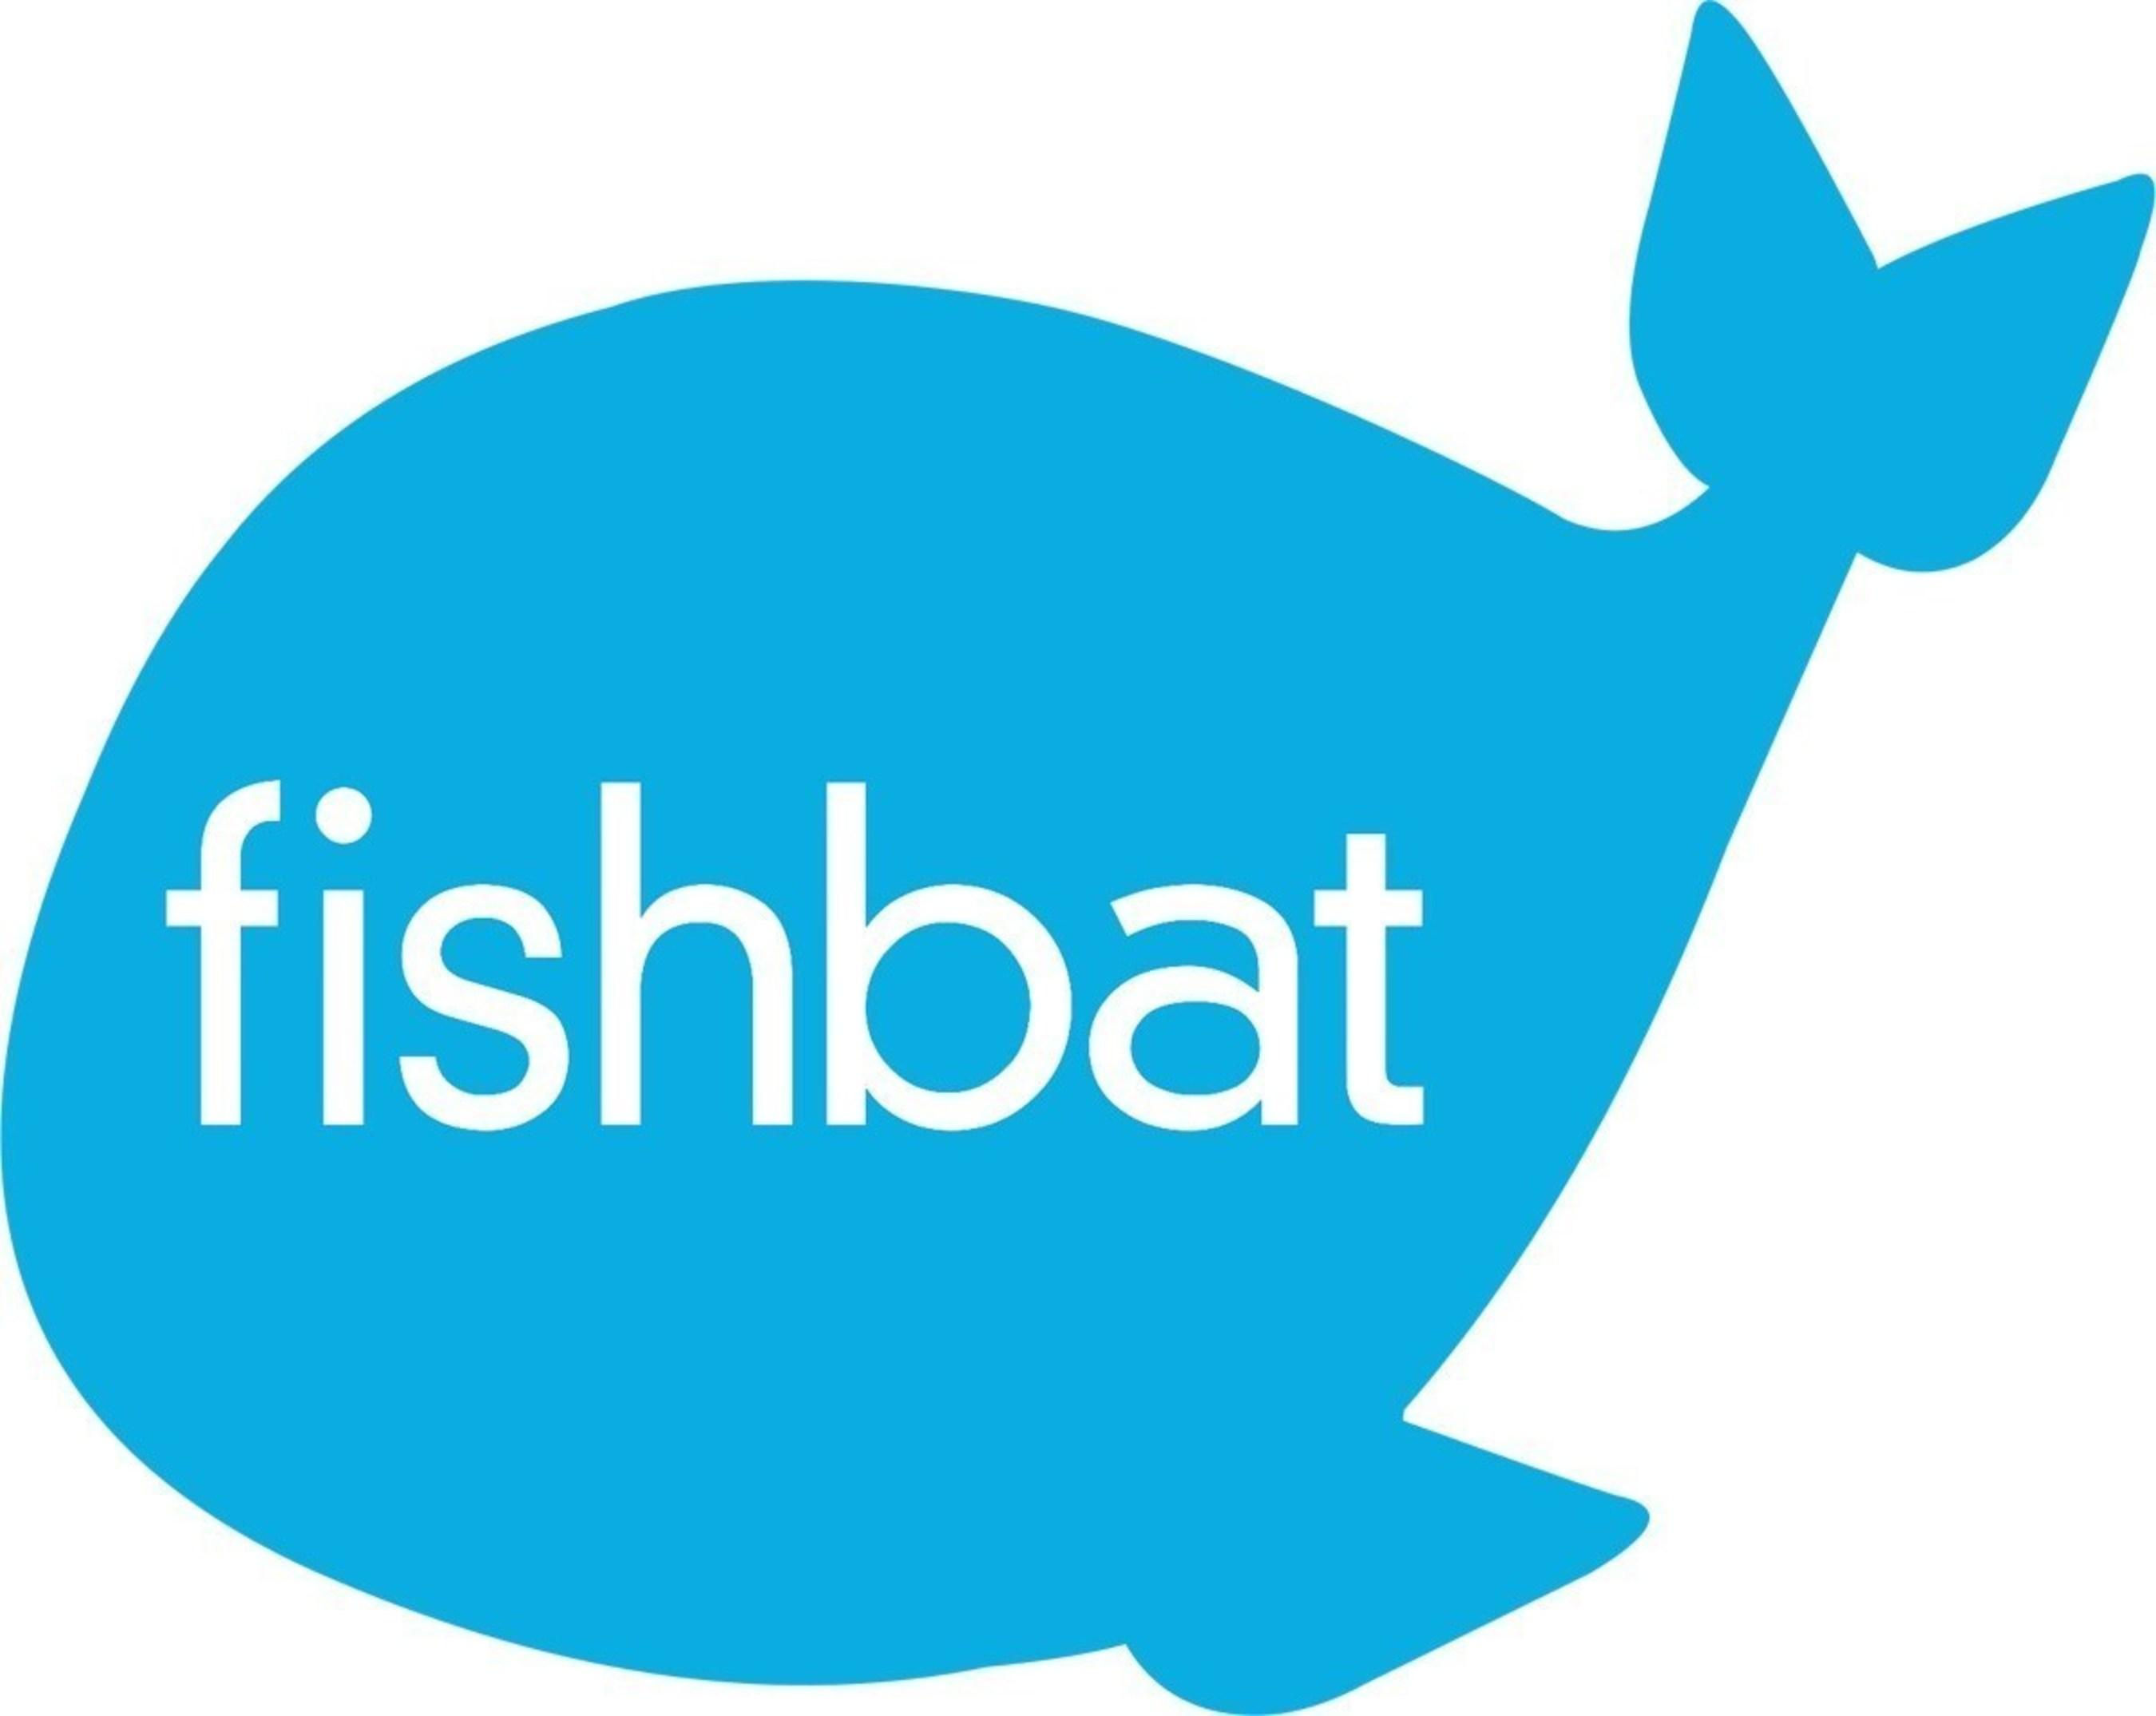 fishbat CMO Jennifer Calise Explains 4 Ways to Optimize a LinkedIn Company Page